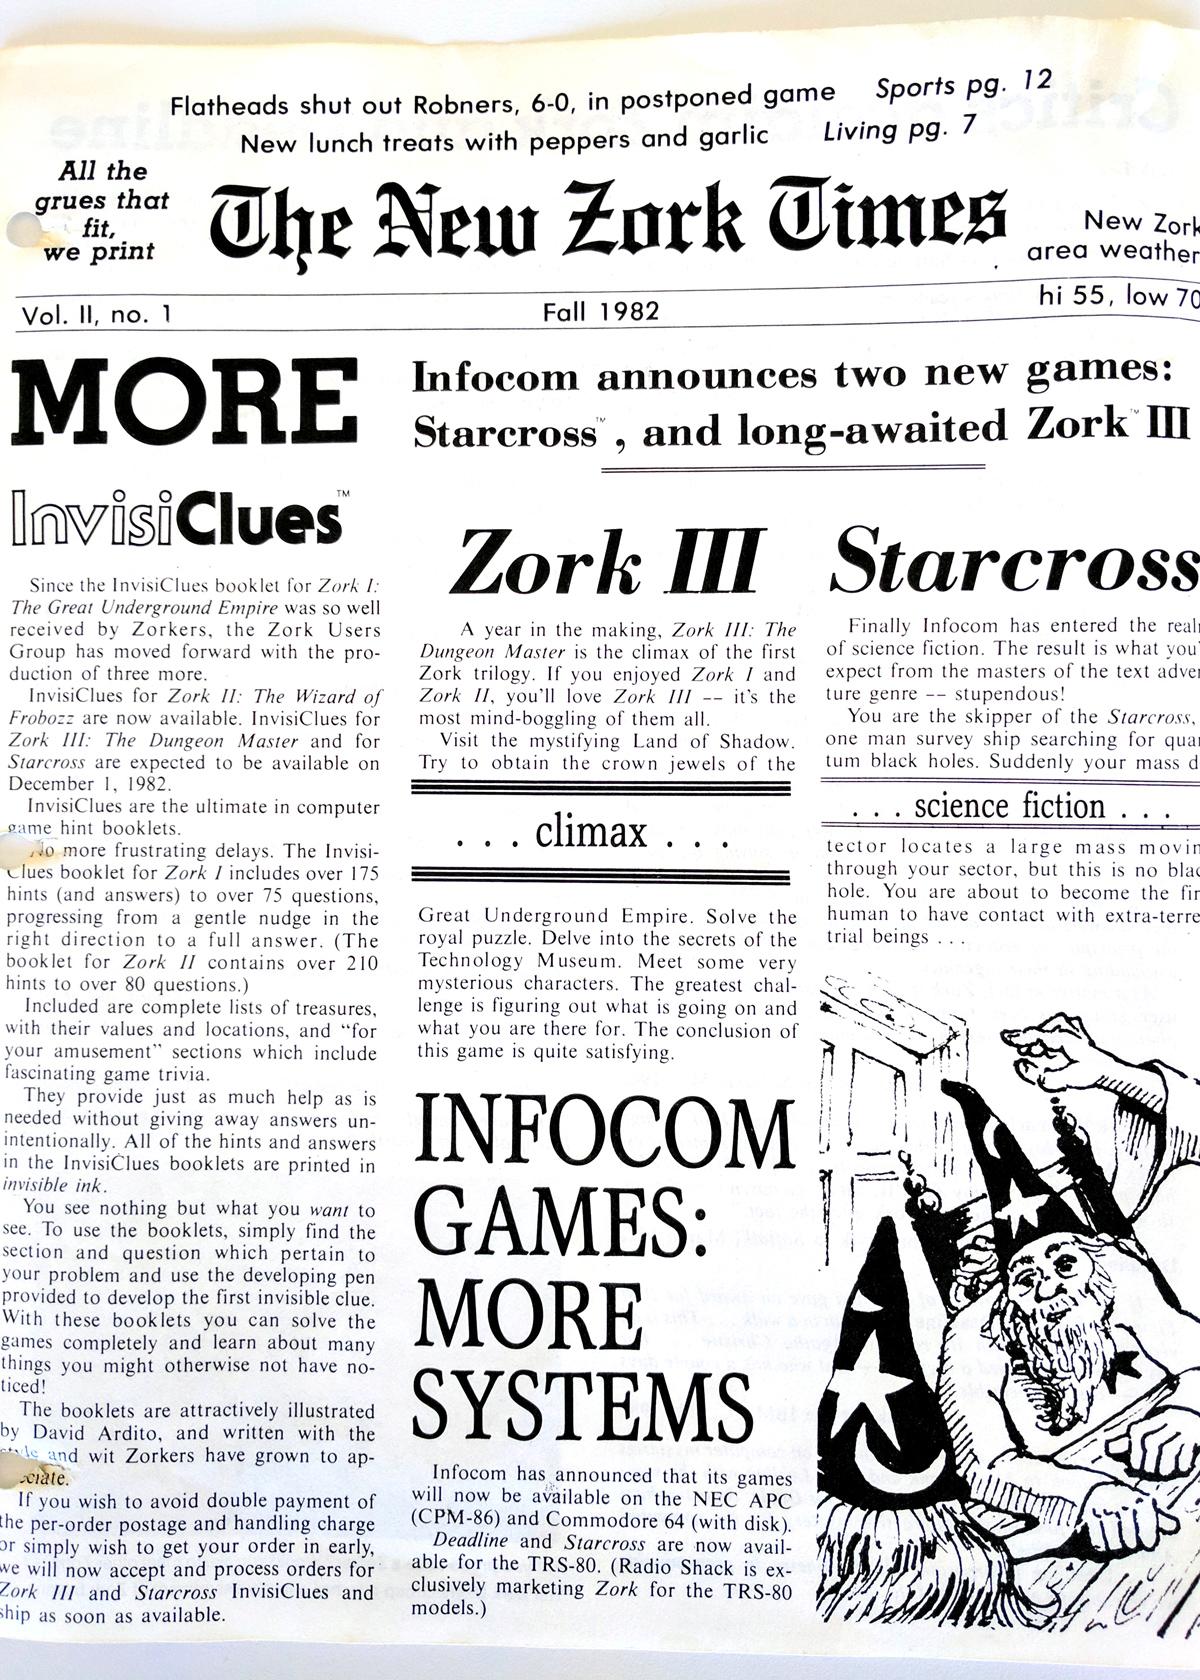 """Dornbrook también comenzó un boletín para los jugadores de Zork, llamado """"The New Zork Times"""". La publicación ingeniosa, que salió aproximadamente cuatro veces al año, llevó una serie de noticias sobre los juegos de Infocom."""